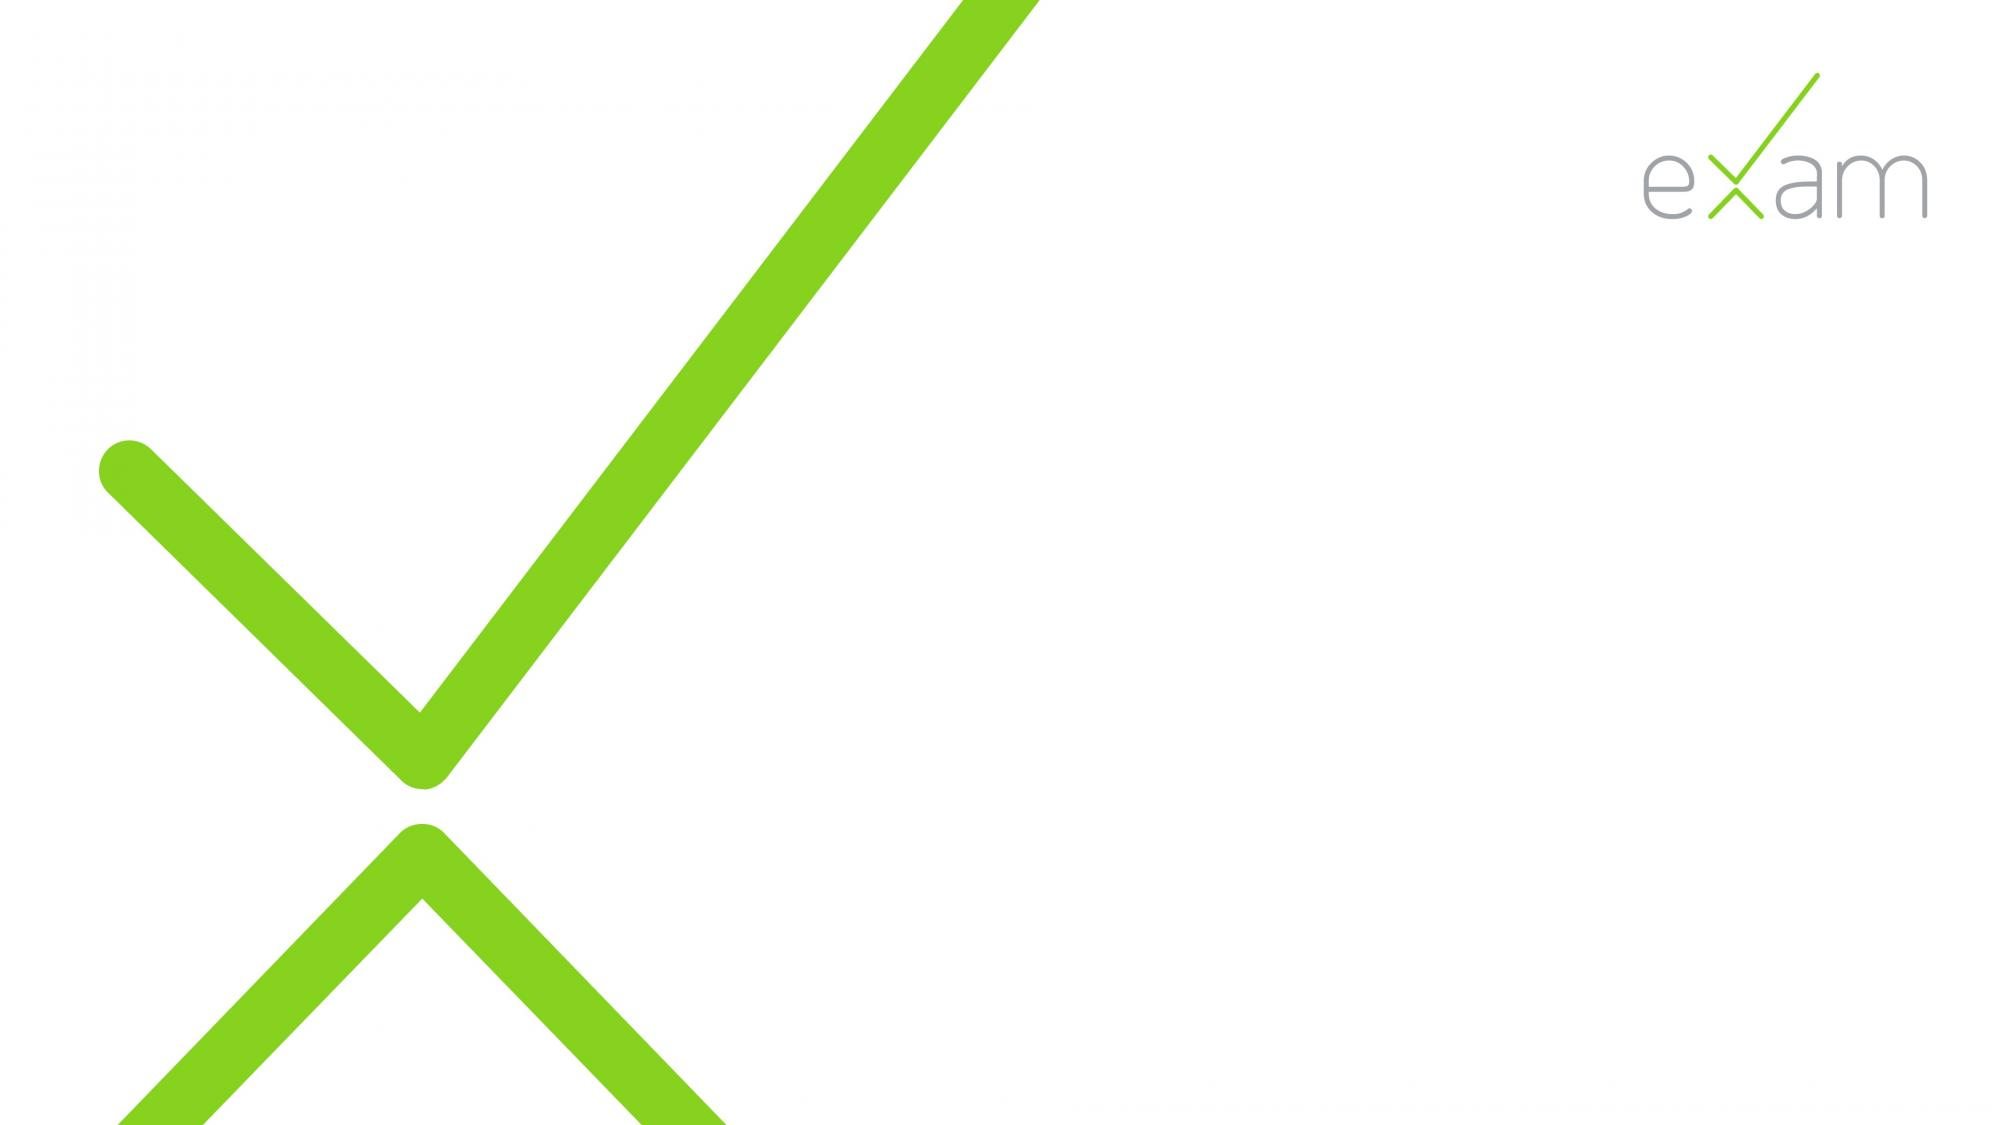 X-logo ja eXam-teksti oikeassa ylänurkassa